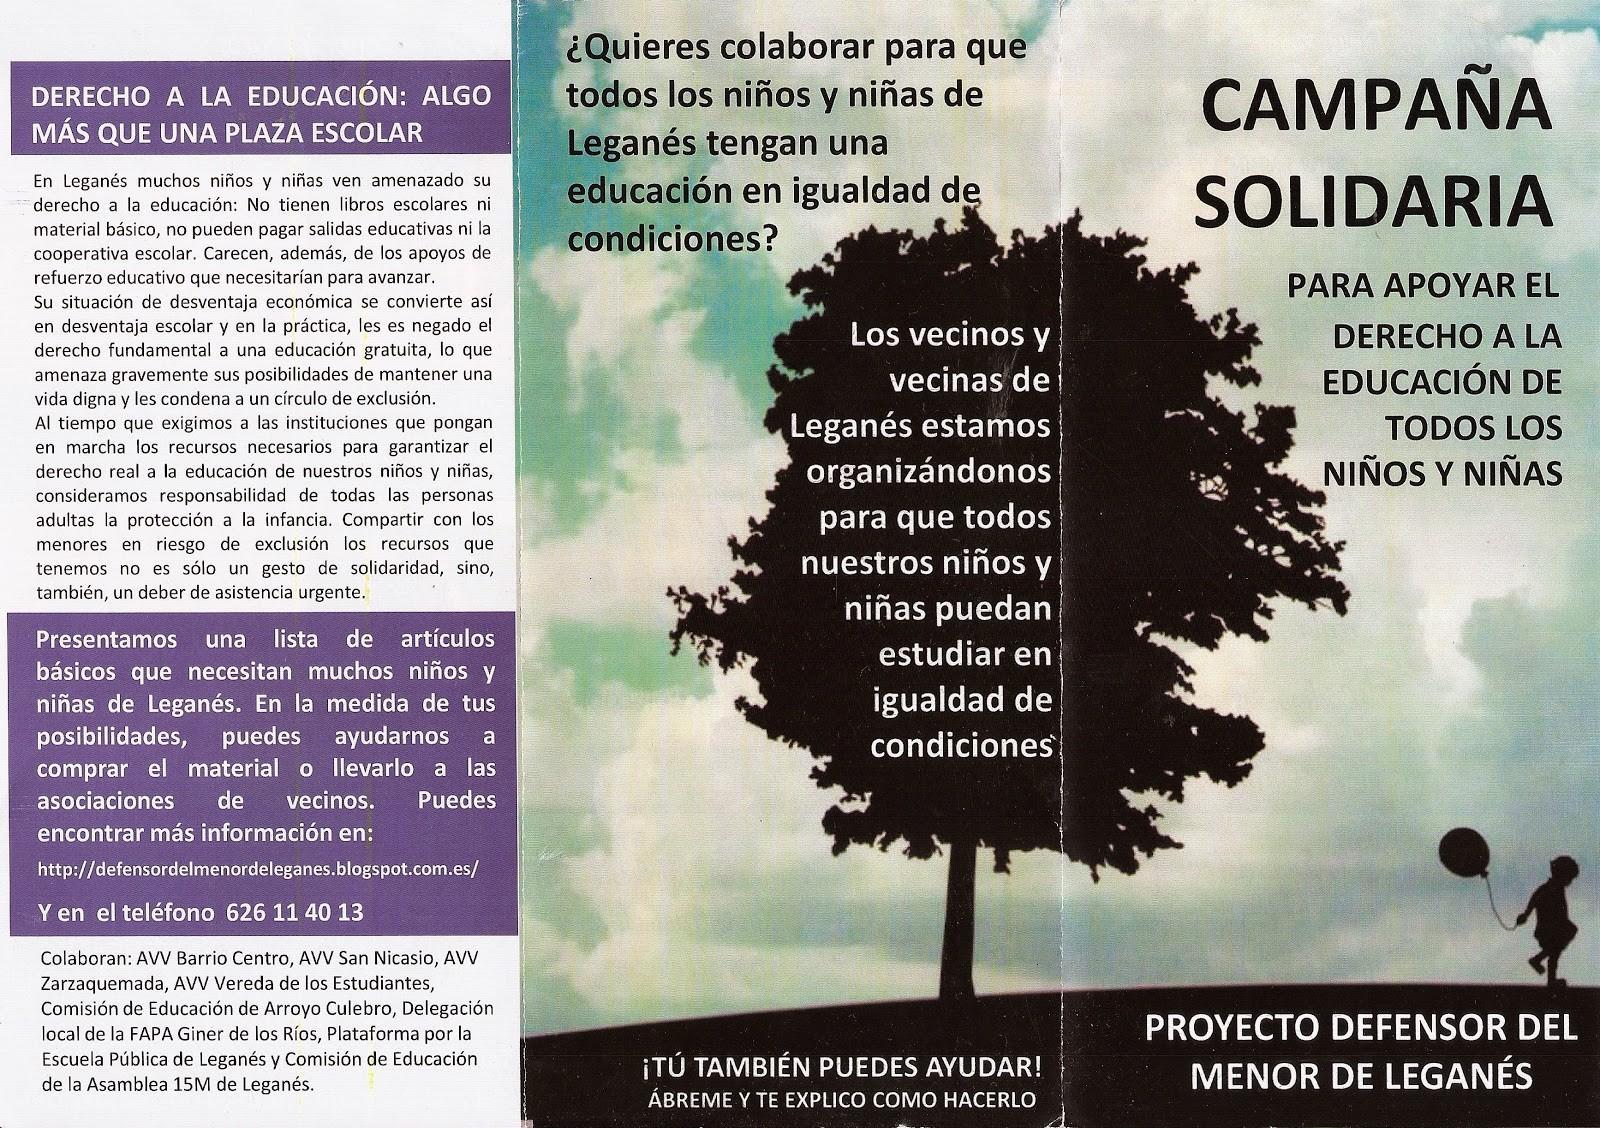 CAMPAÑA SOLIDARIA. Proyecto del Defensor del Menor de Leganés.